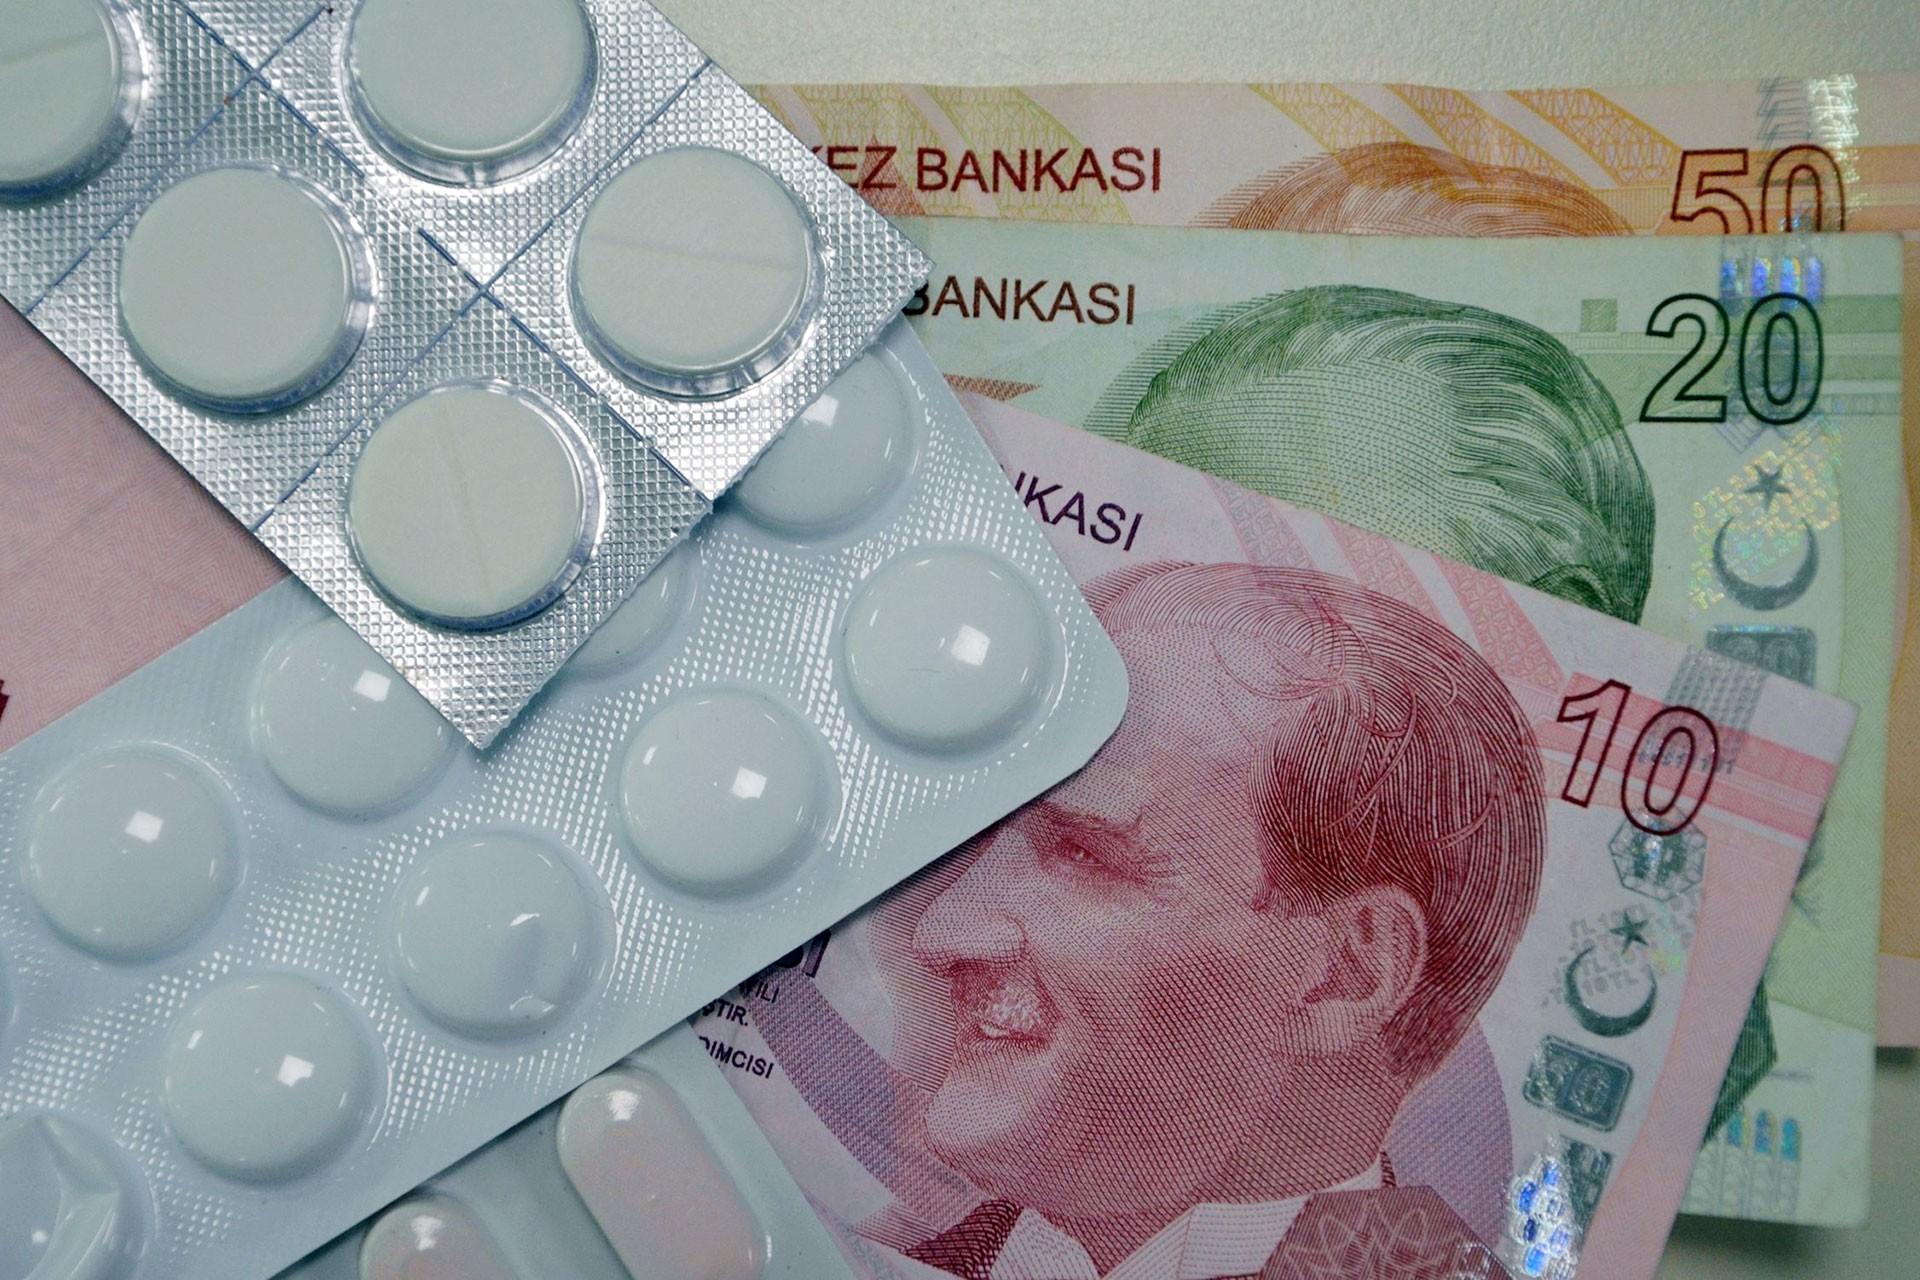 İlaç tabletleri ve çeşitli banknotlar.